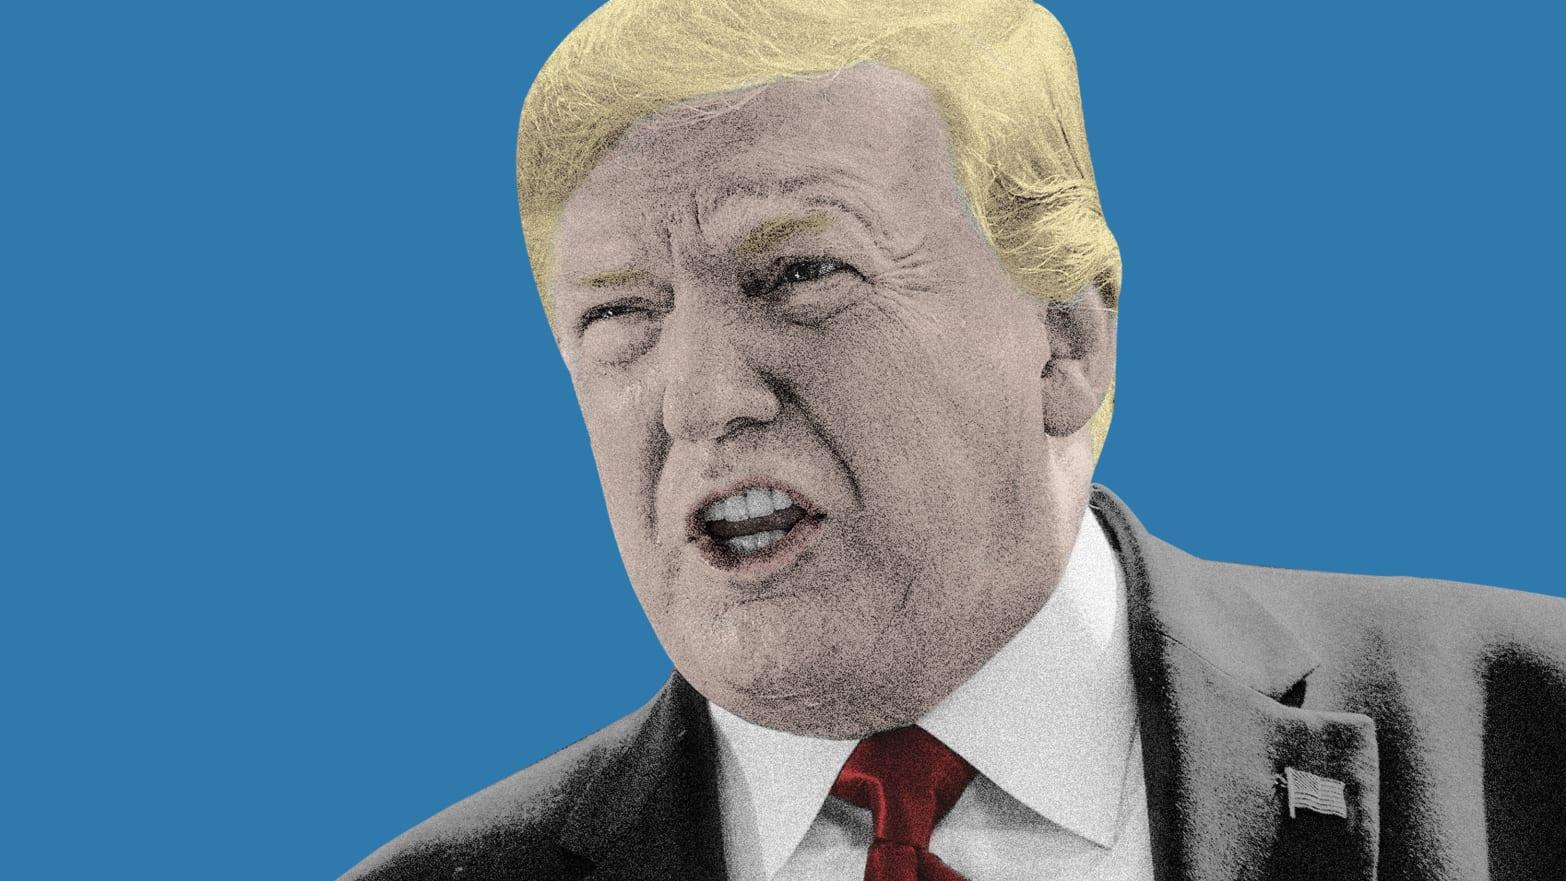 Trump Talk About 'Disloyal' Jews Isn't Just Anti-Semitic — It's Anti-American